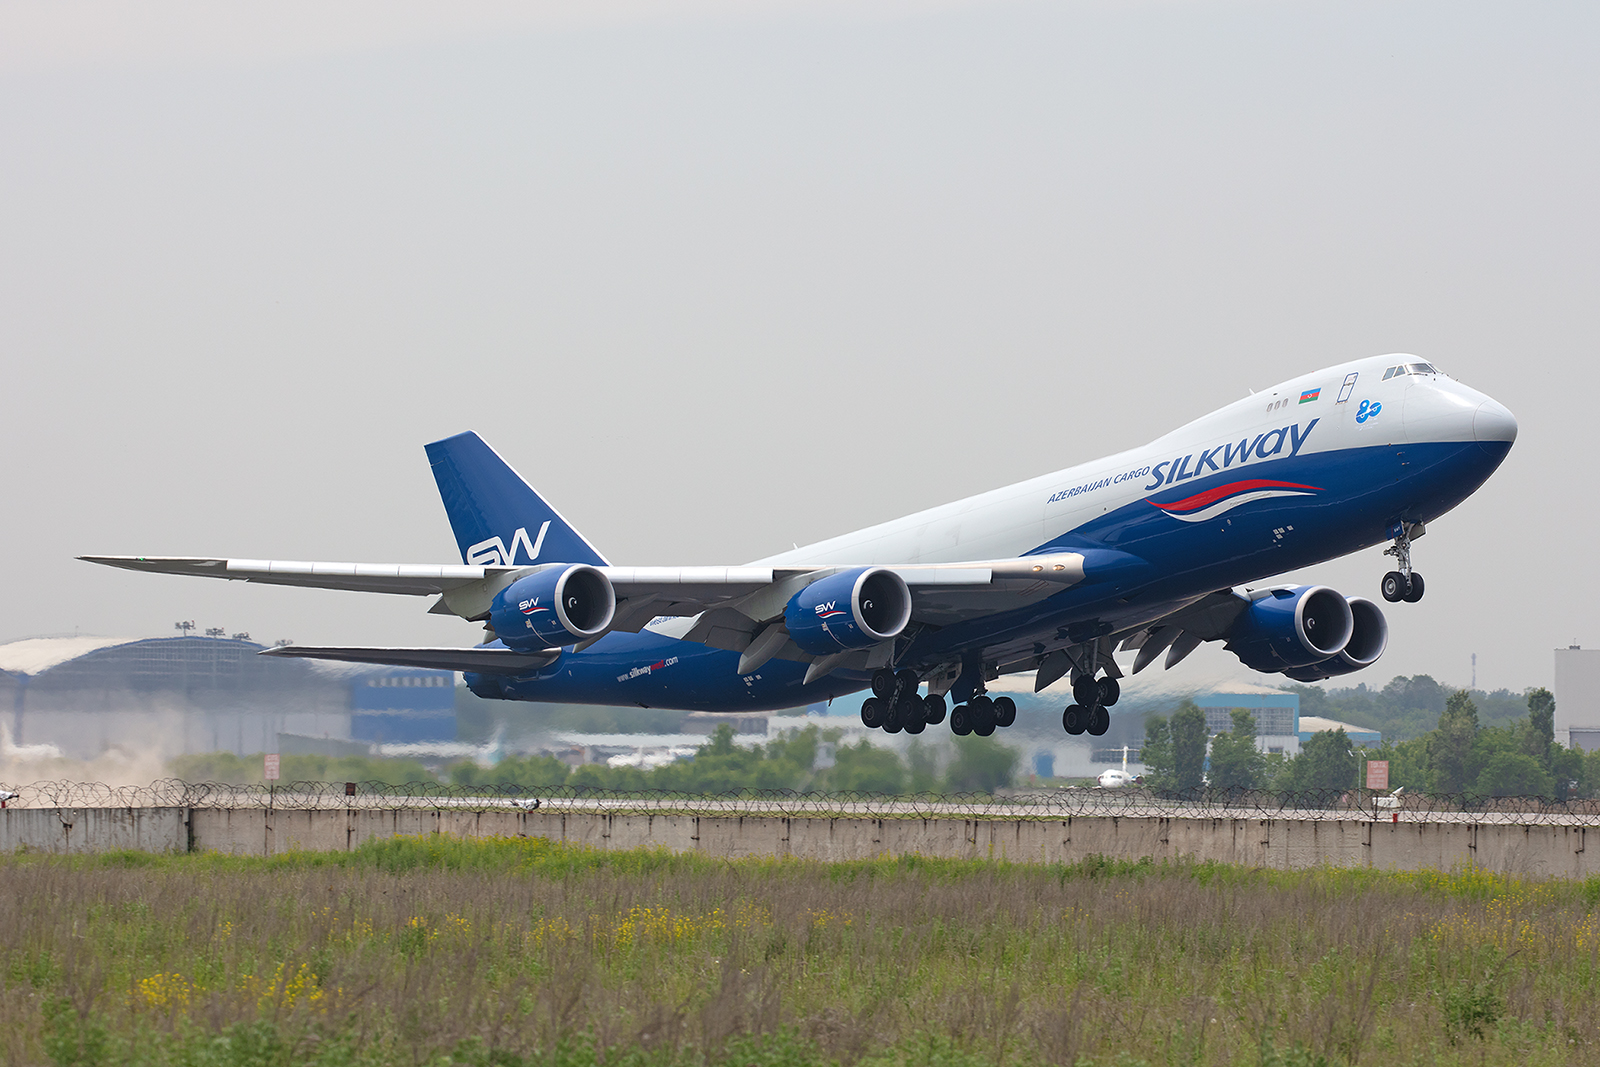 Boeing 747-8F der Silkway  Air aus Baku in Asabaidschan